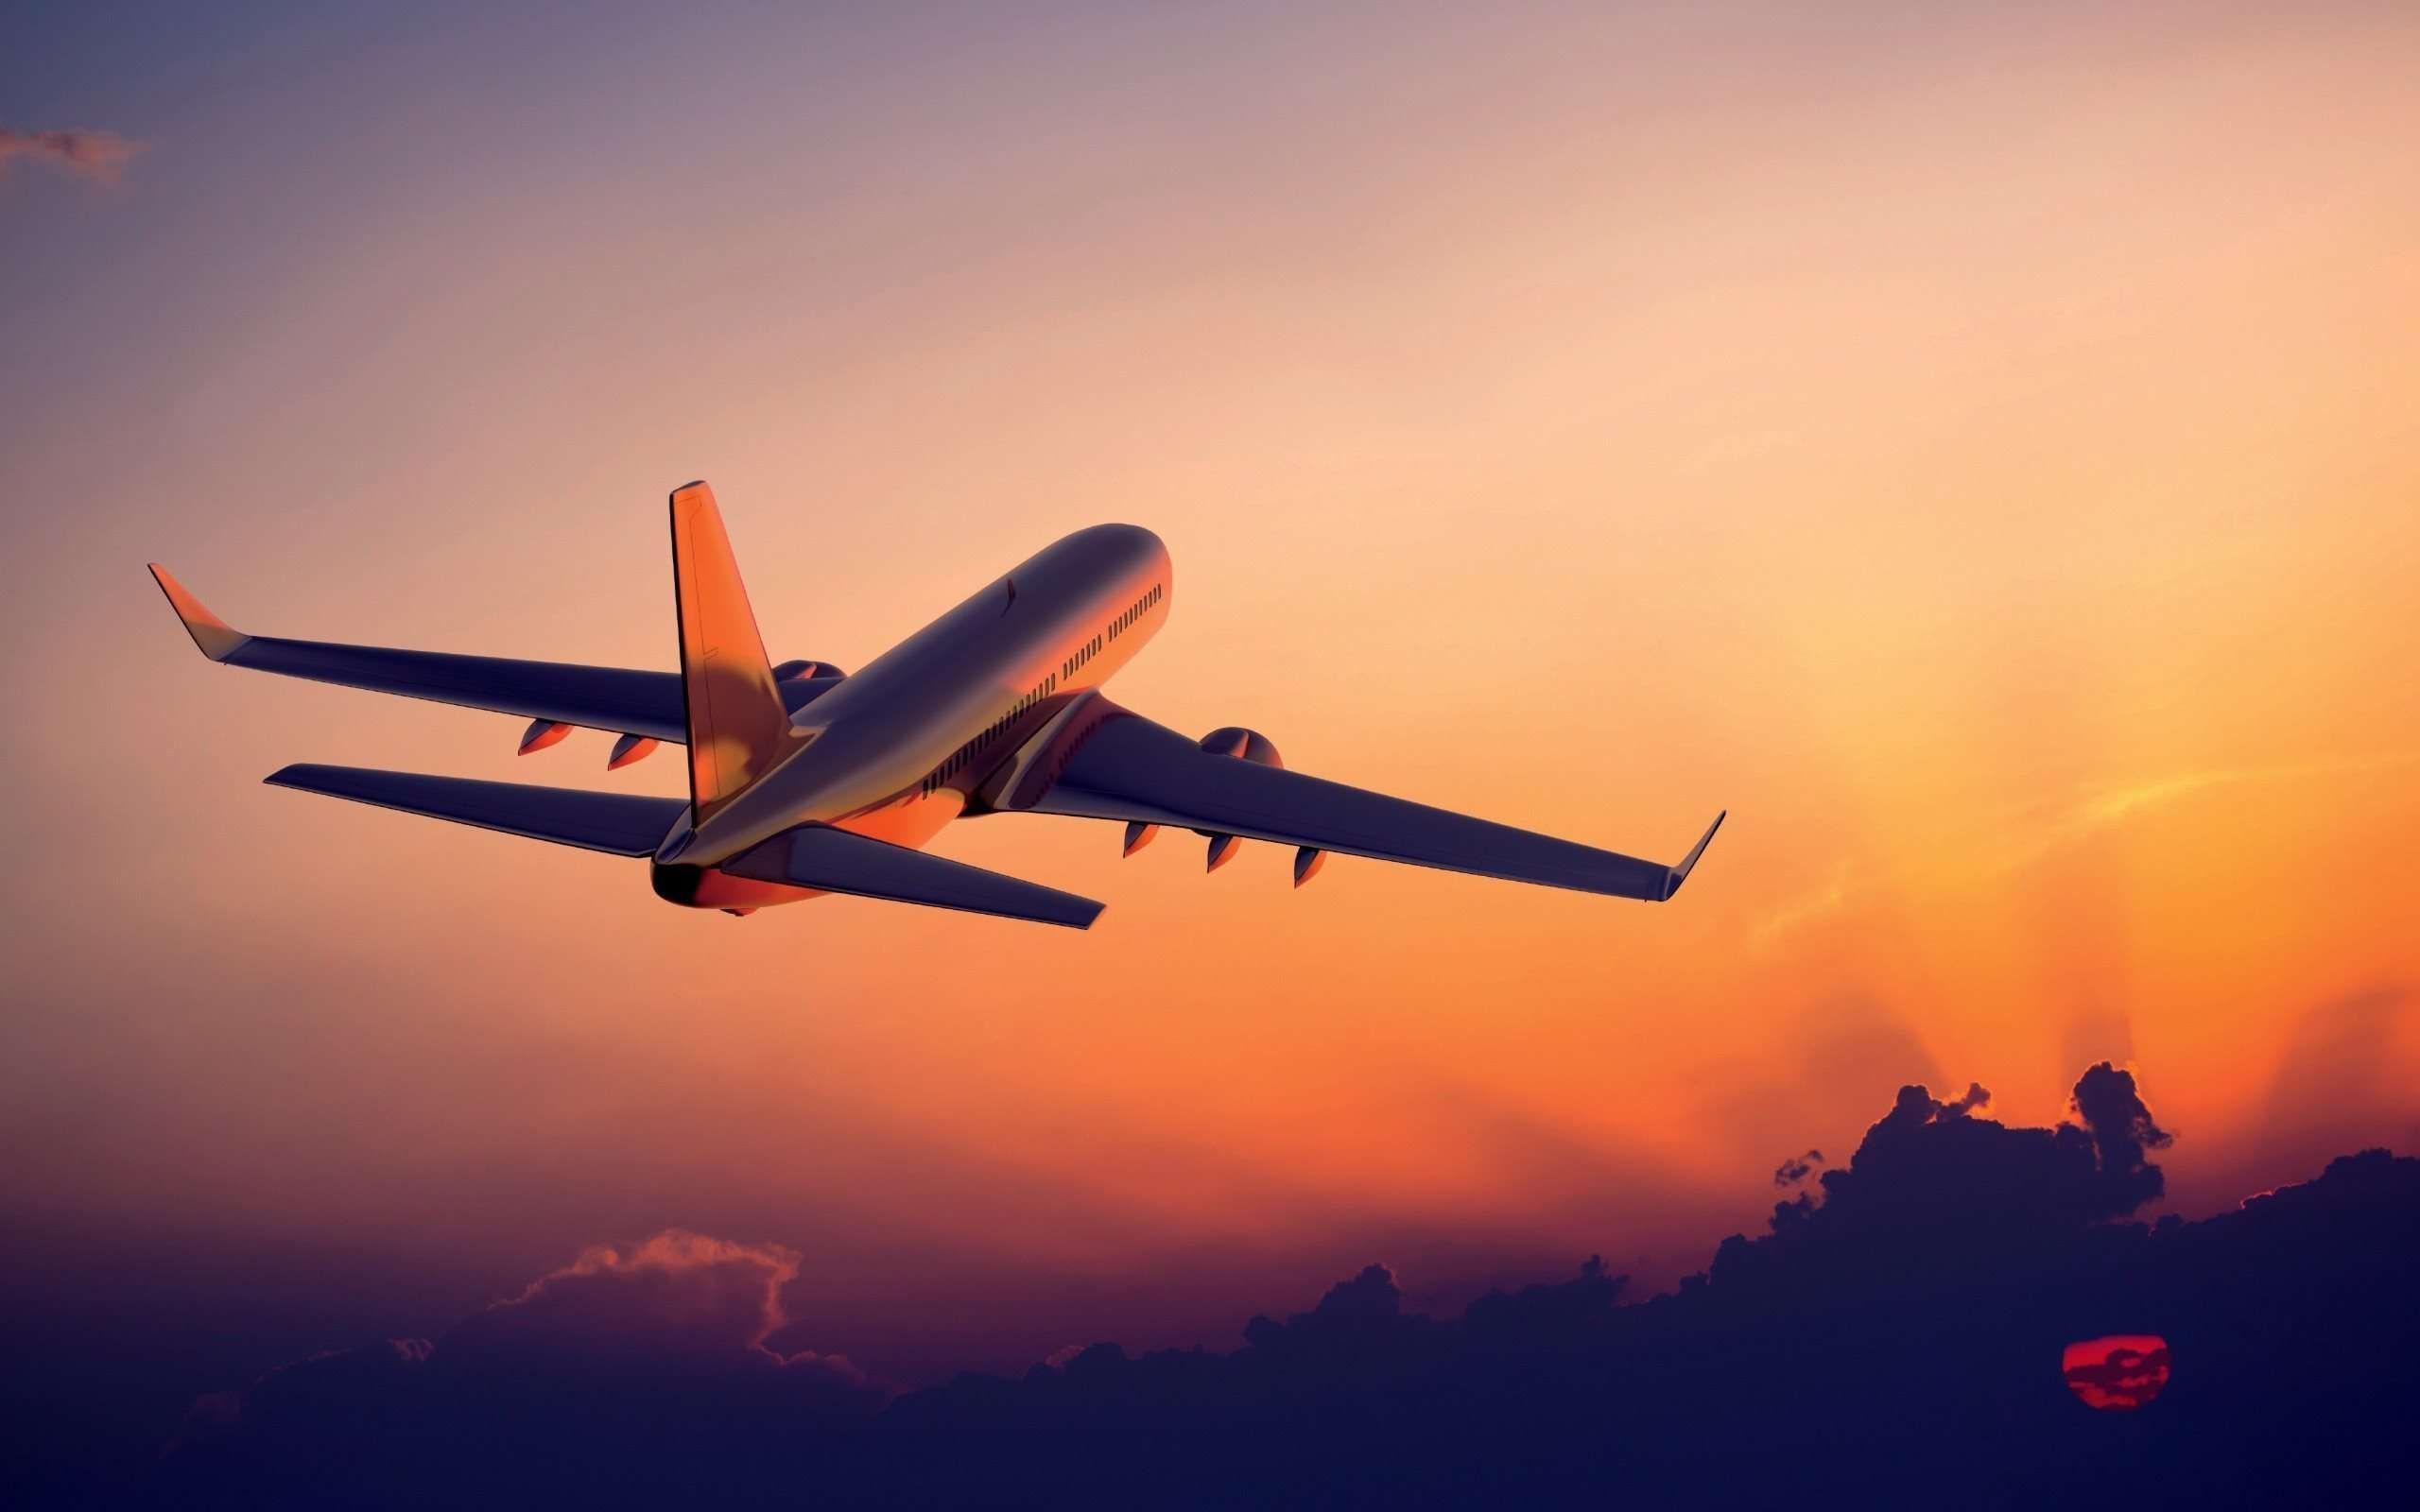 passenger aircraft on sunset hd widescreeen wallpaper   art